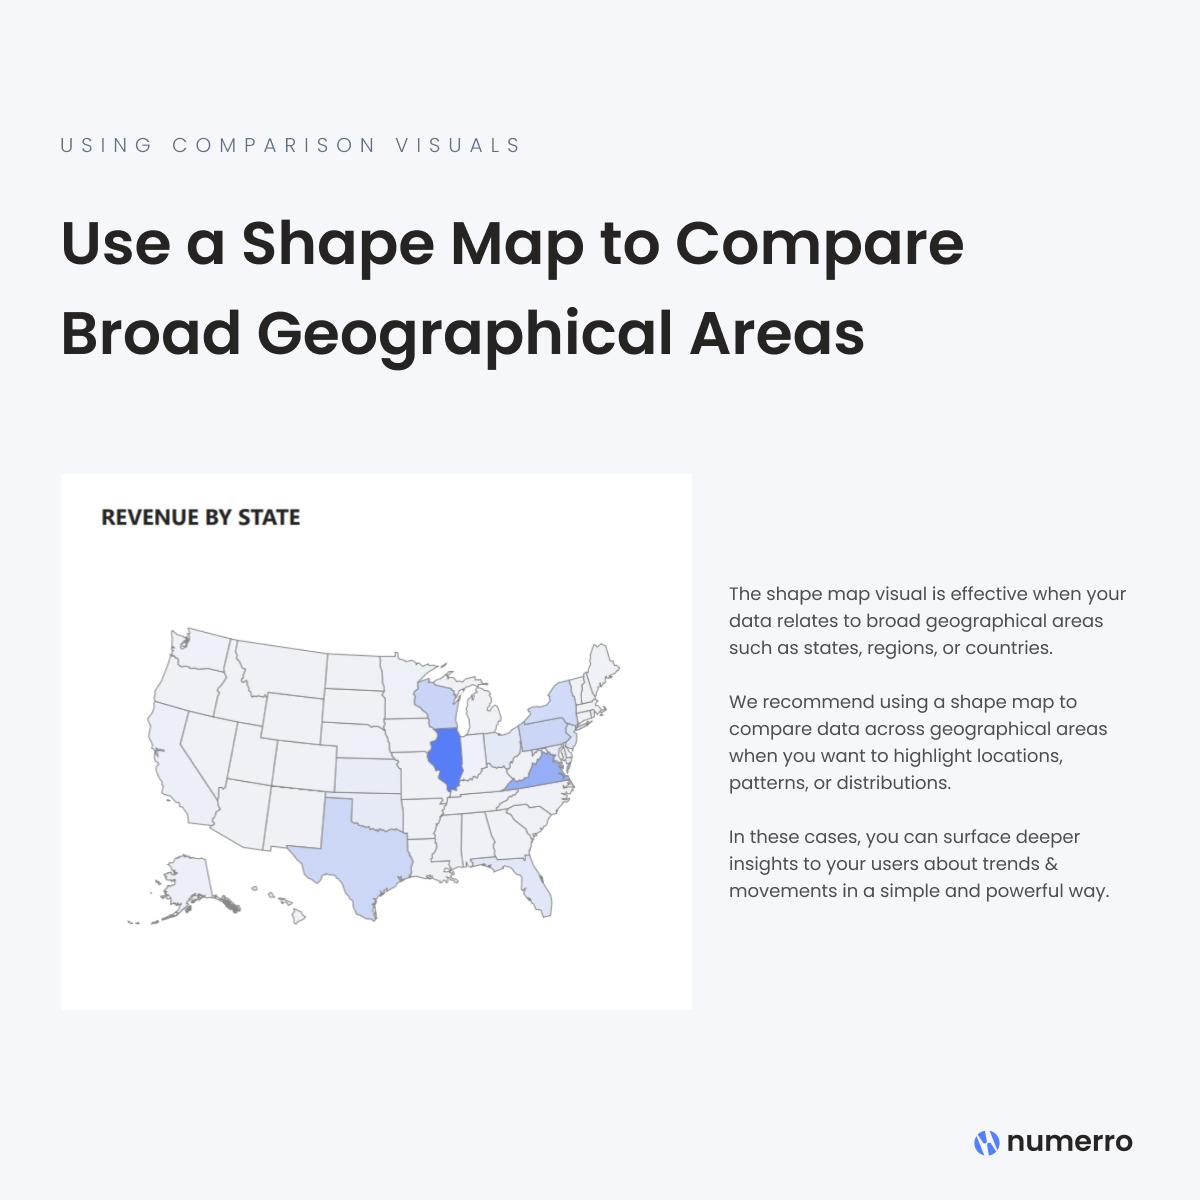 Using Comparison Visuals - Shape Maps